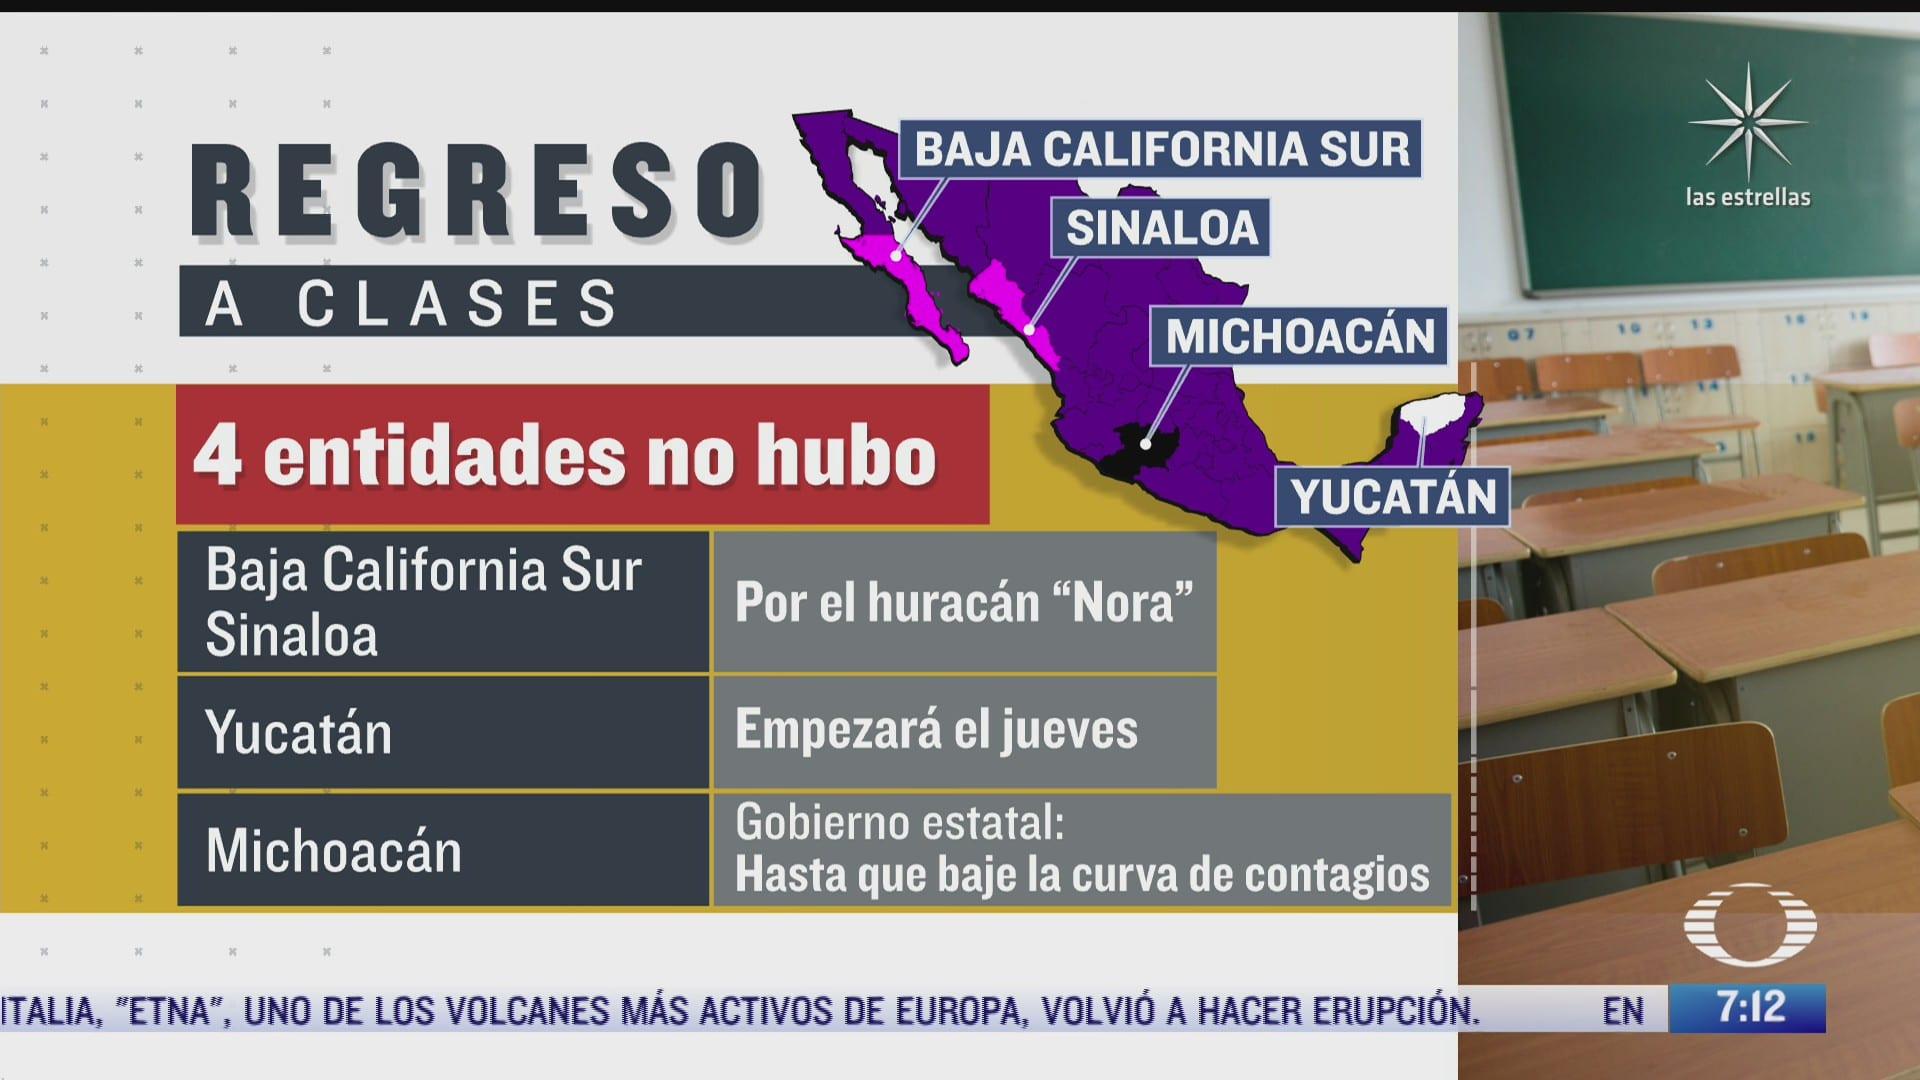 como es el mapa del regreso a clases presenciales en mexico